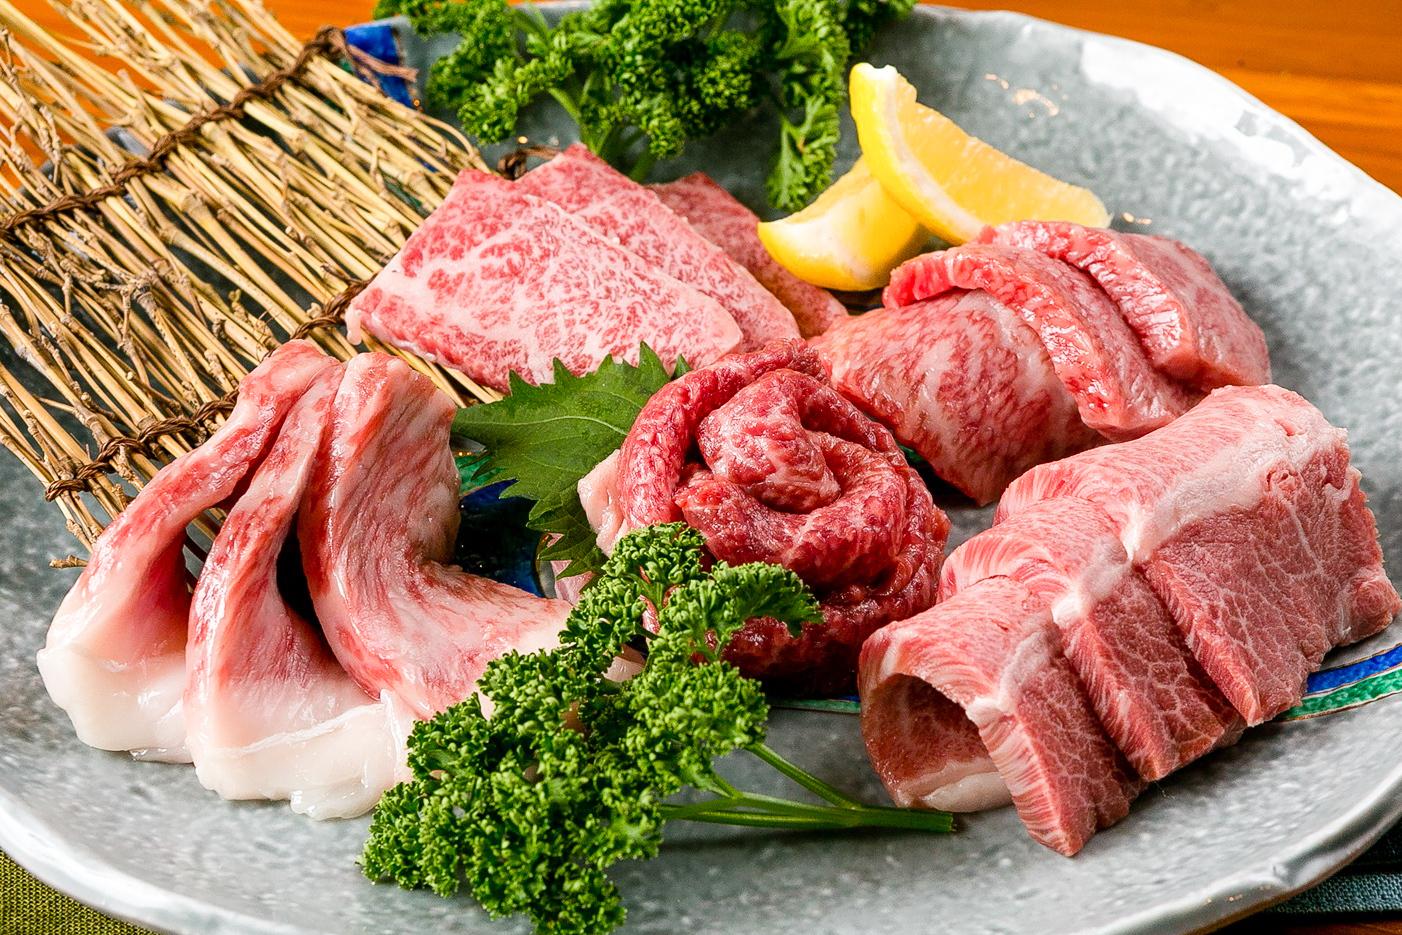 トンローの人気焼肉店 焼肉きらび(KIRABI)